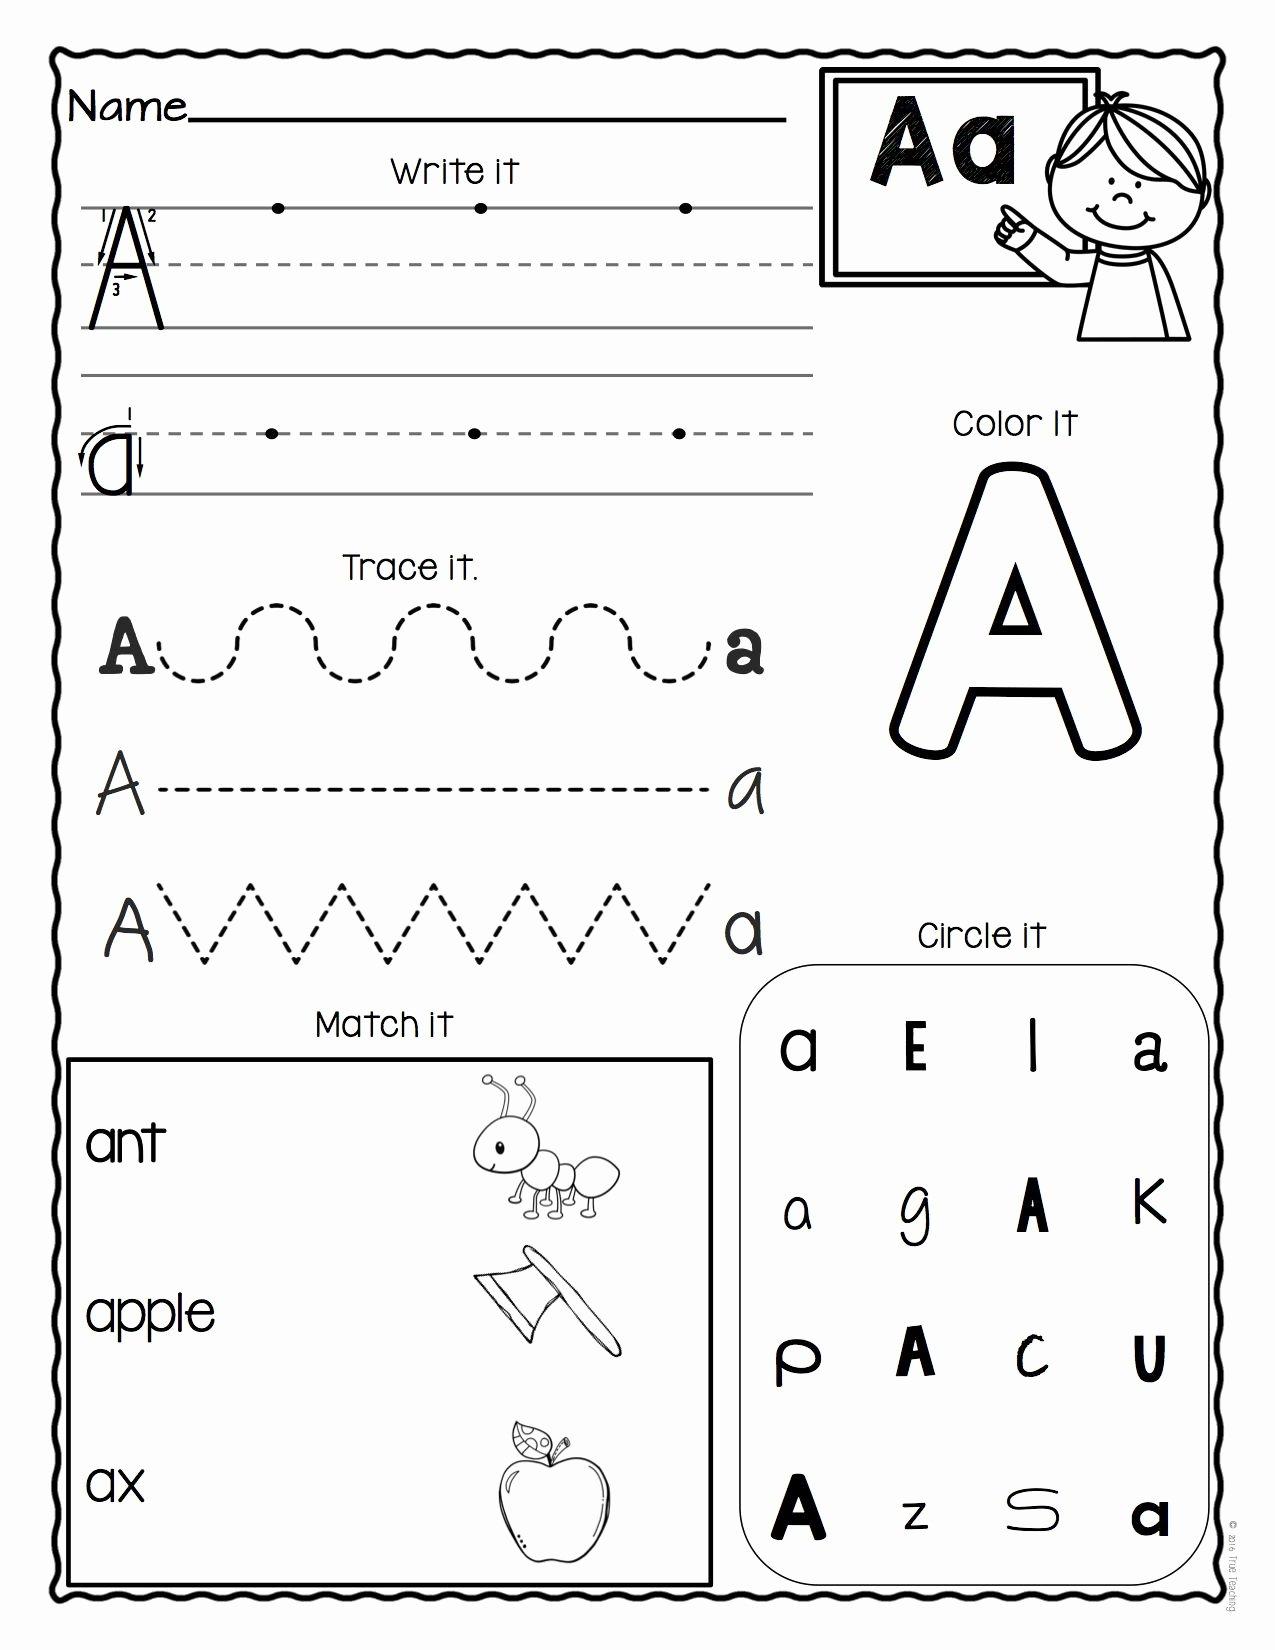 Alphabet Worksheets for Preschoolers Inspirational A Z Letter Worksheets Set 3